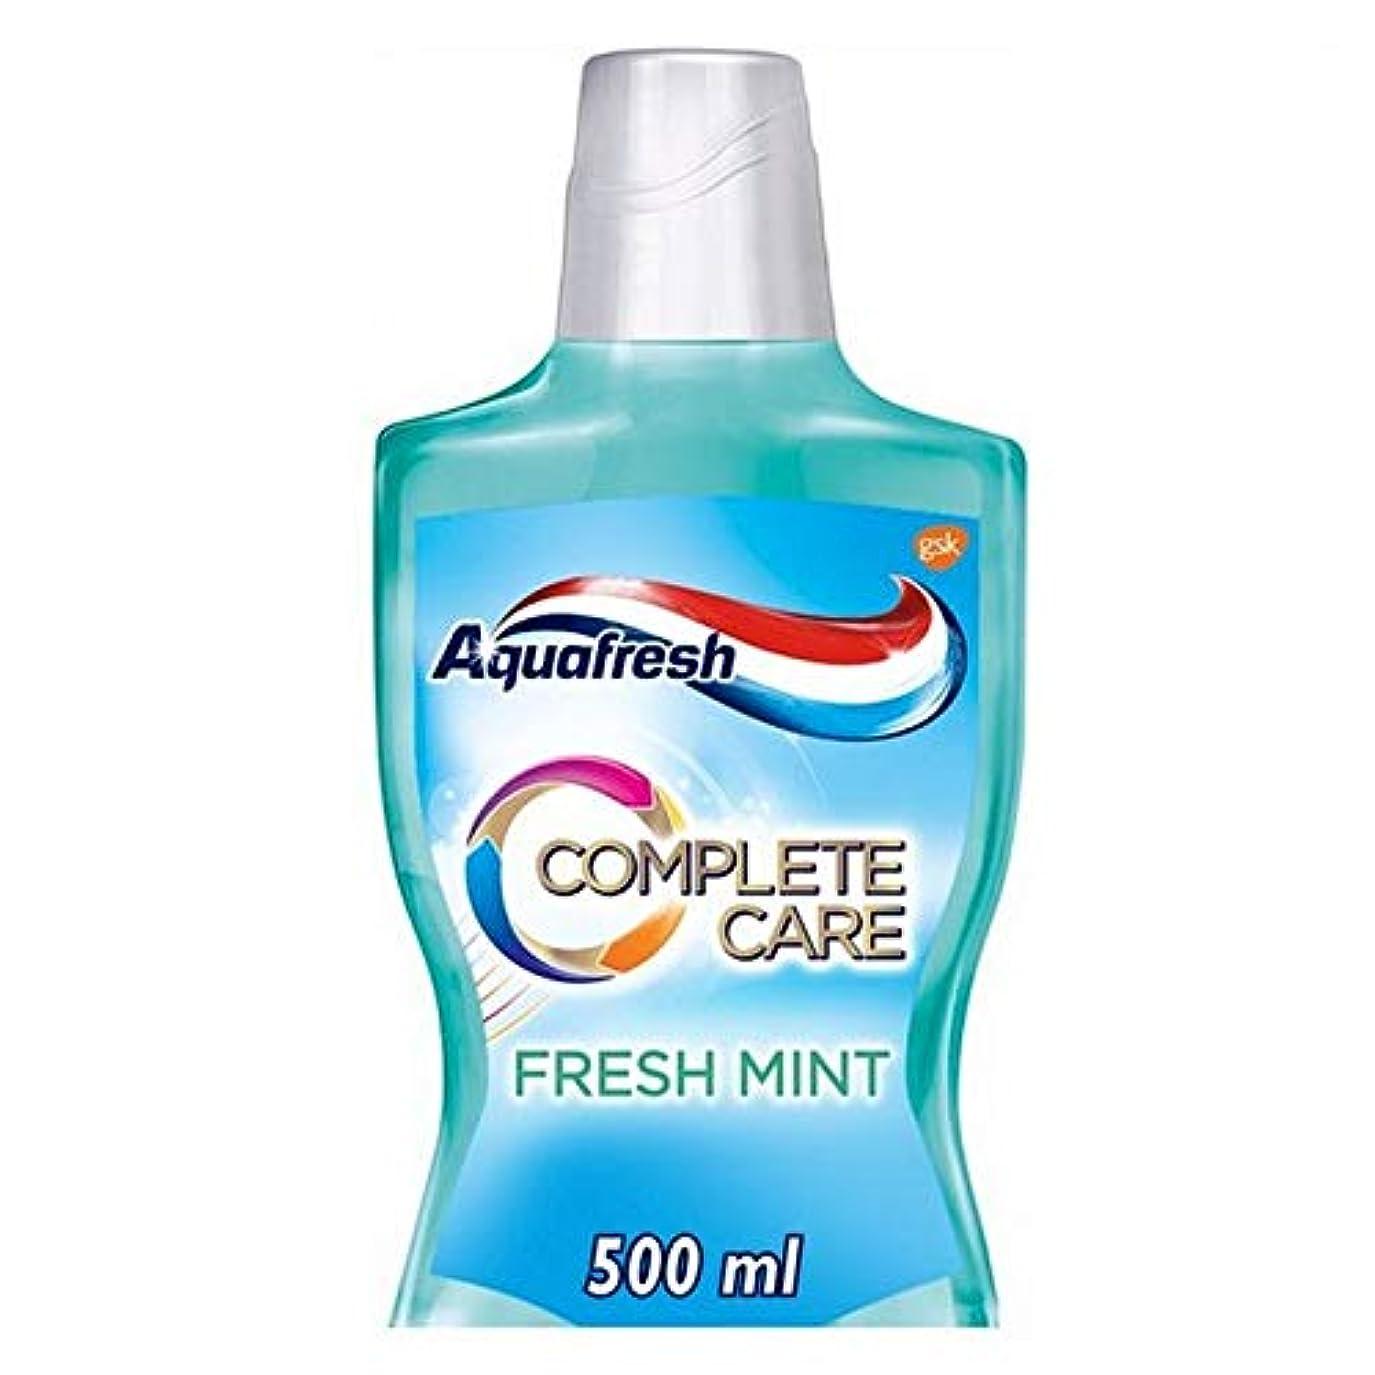 雨想起団結[Aquafresh ] アクアフレッシュコンプリートケアマウスウォッシュ500ミリリットル - Aquafresh Complete Care Mouthwash 500ml [並行輸入品]